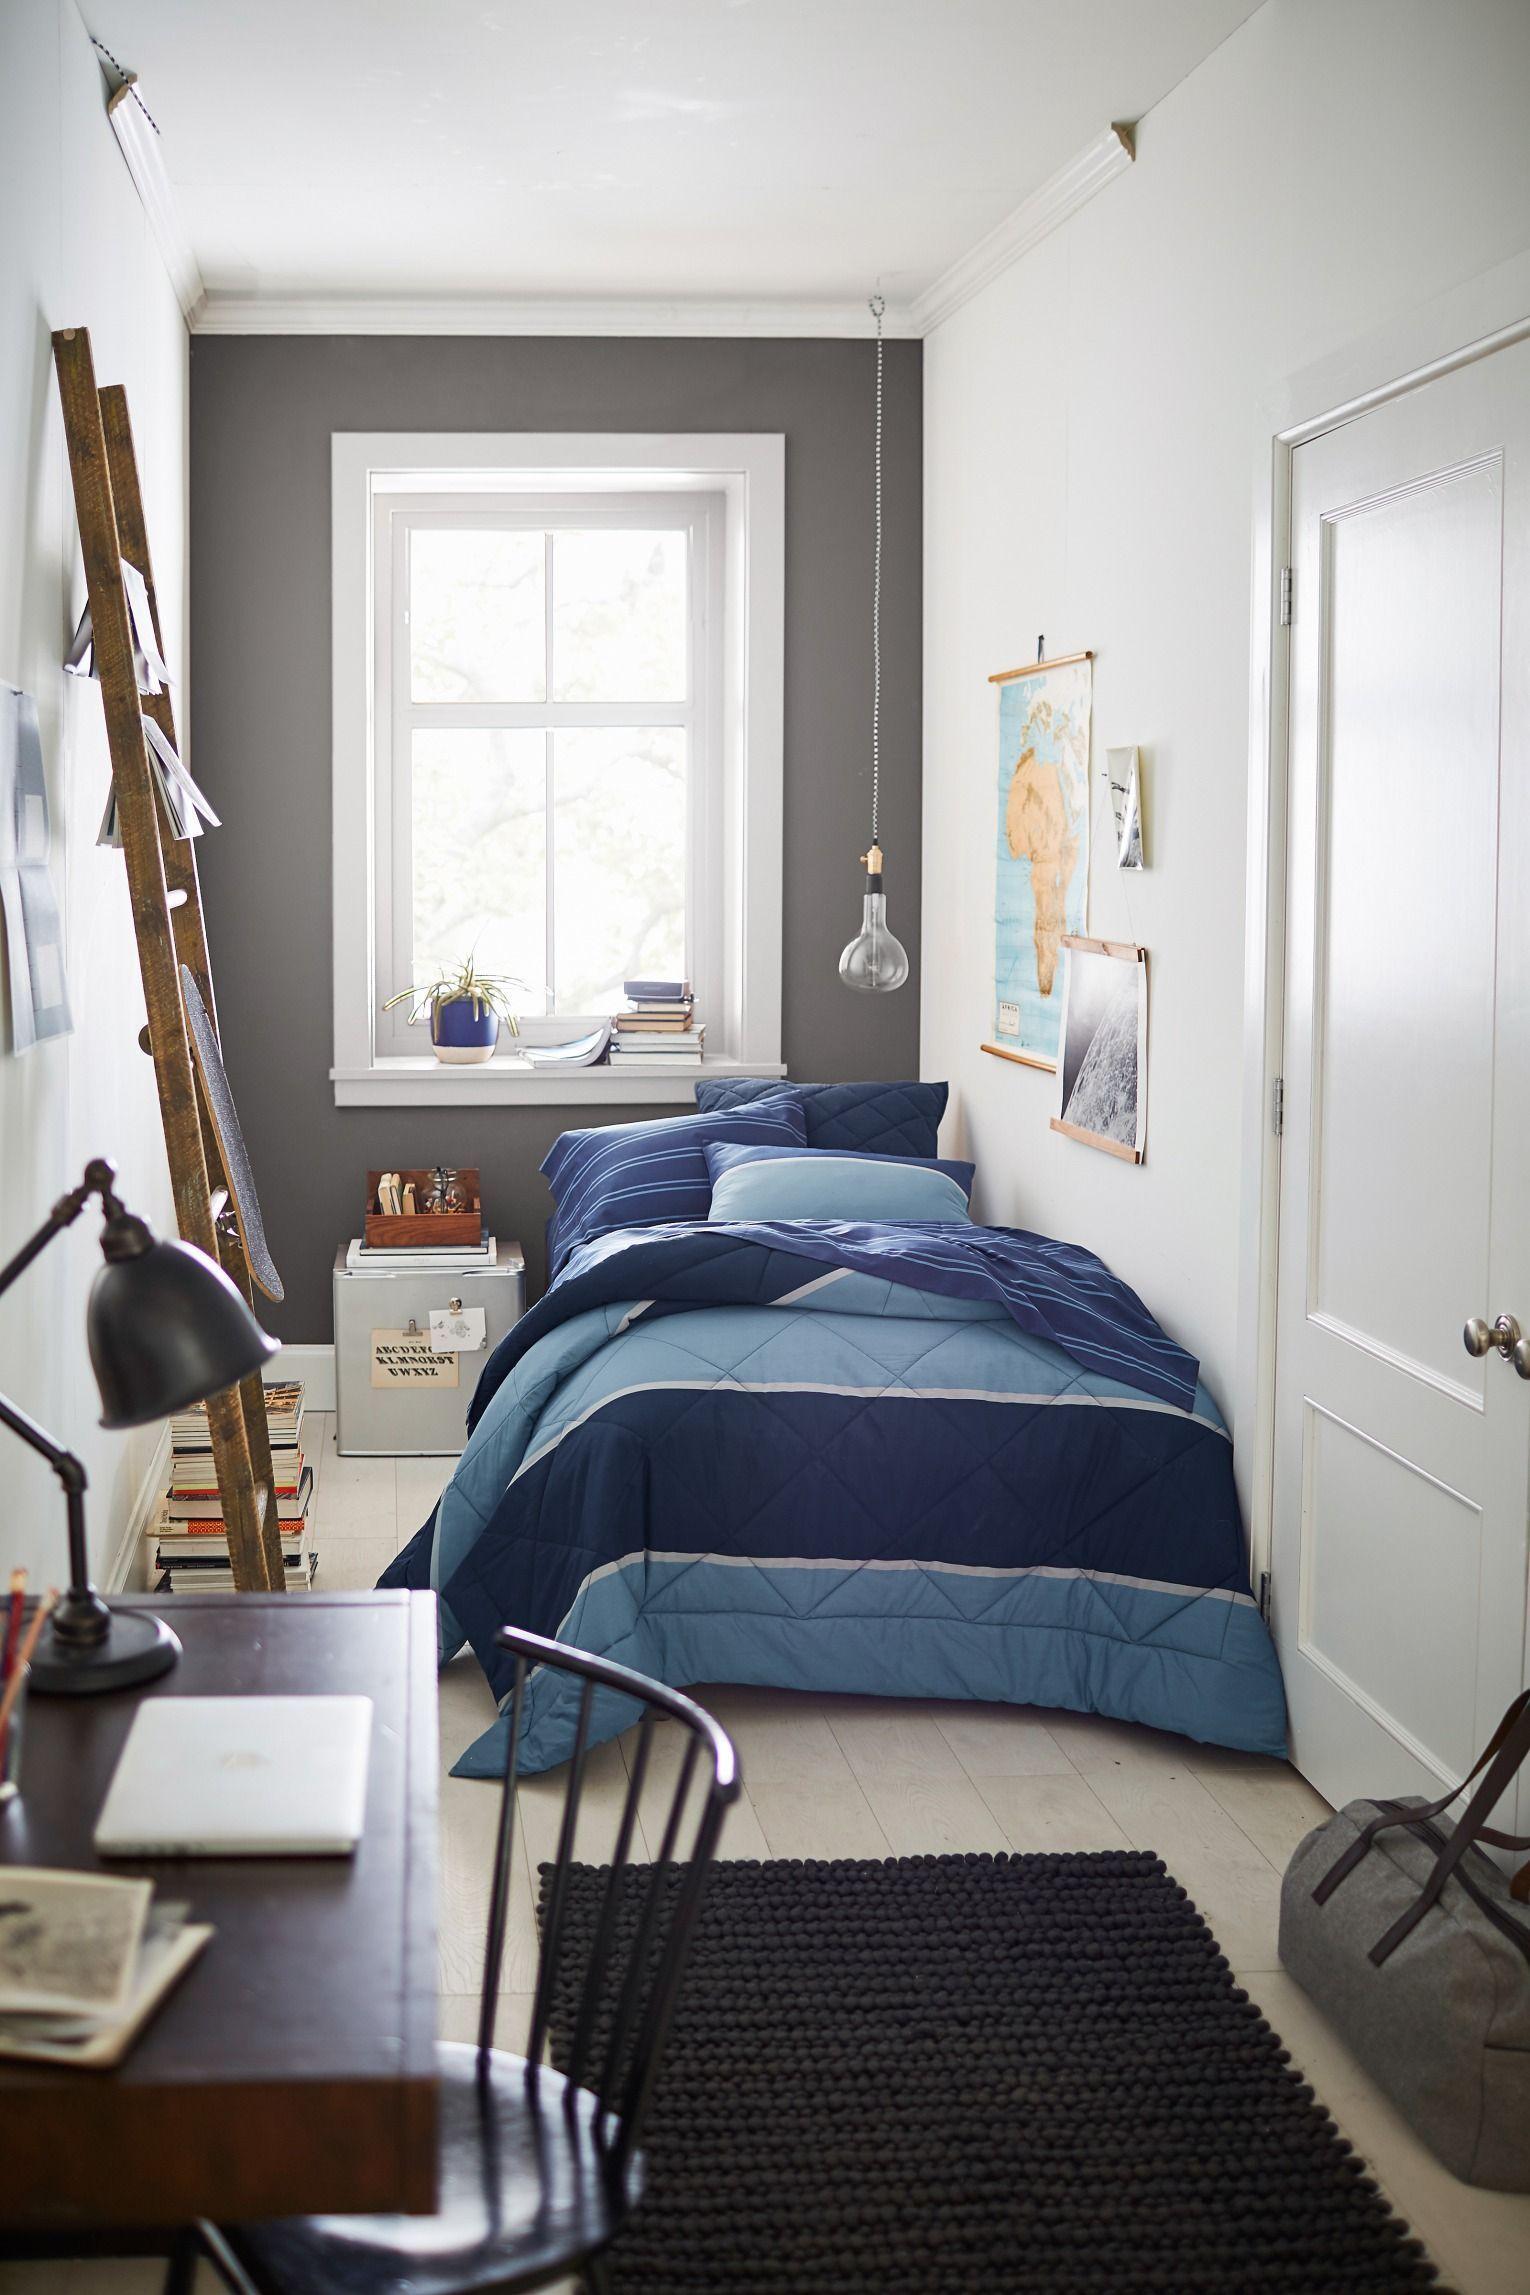 Amazing Bedroom Design Ideas [Simple, Modern, Minimalist